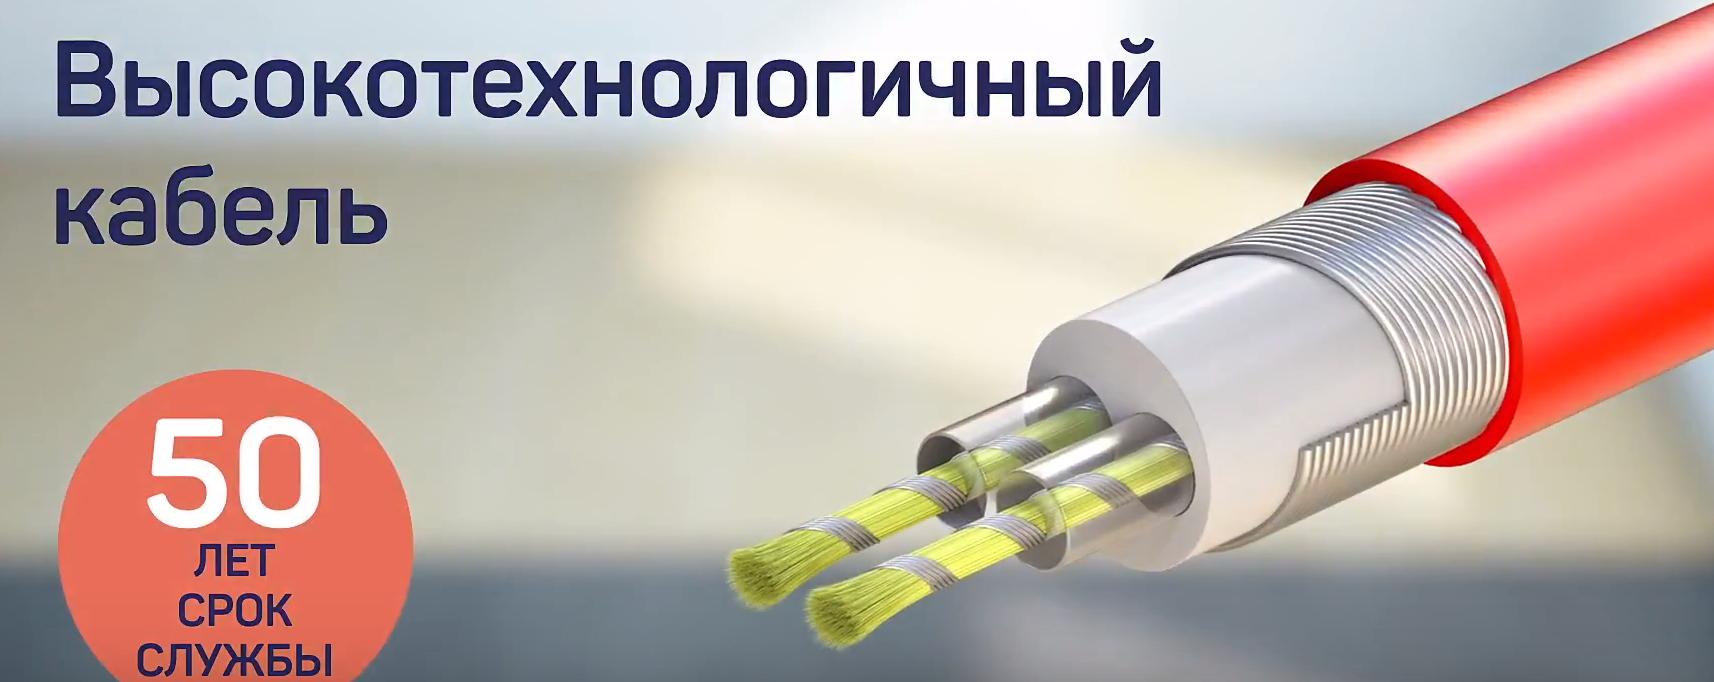 Структура кабеля электролюкс етс